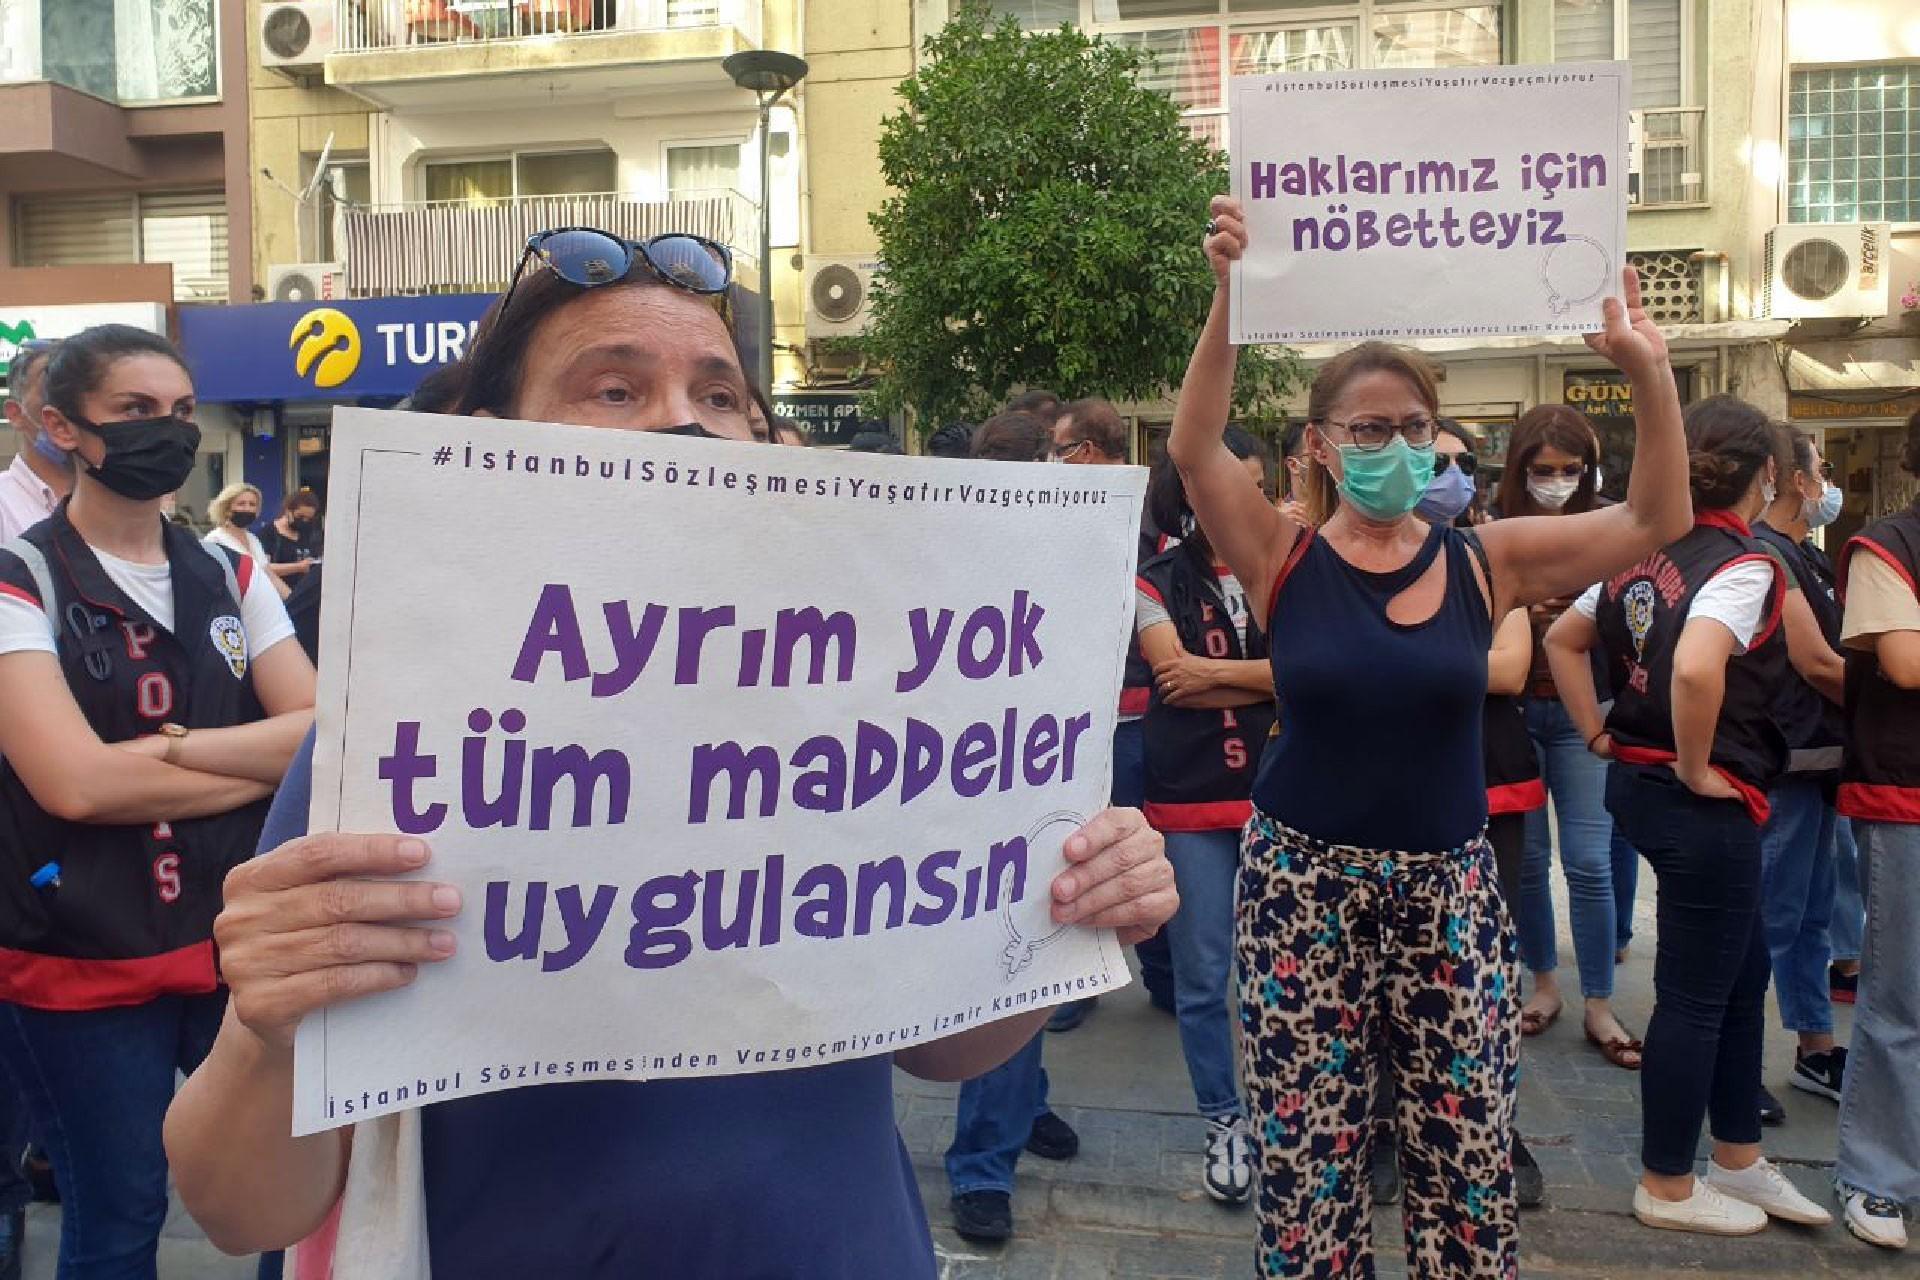 istanbul sözleşmesi eylemi